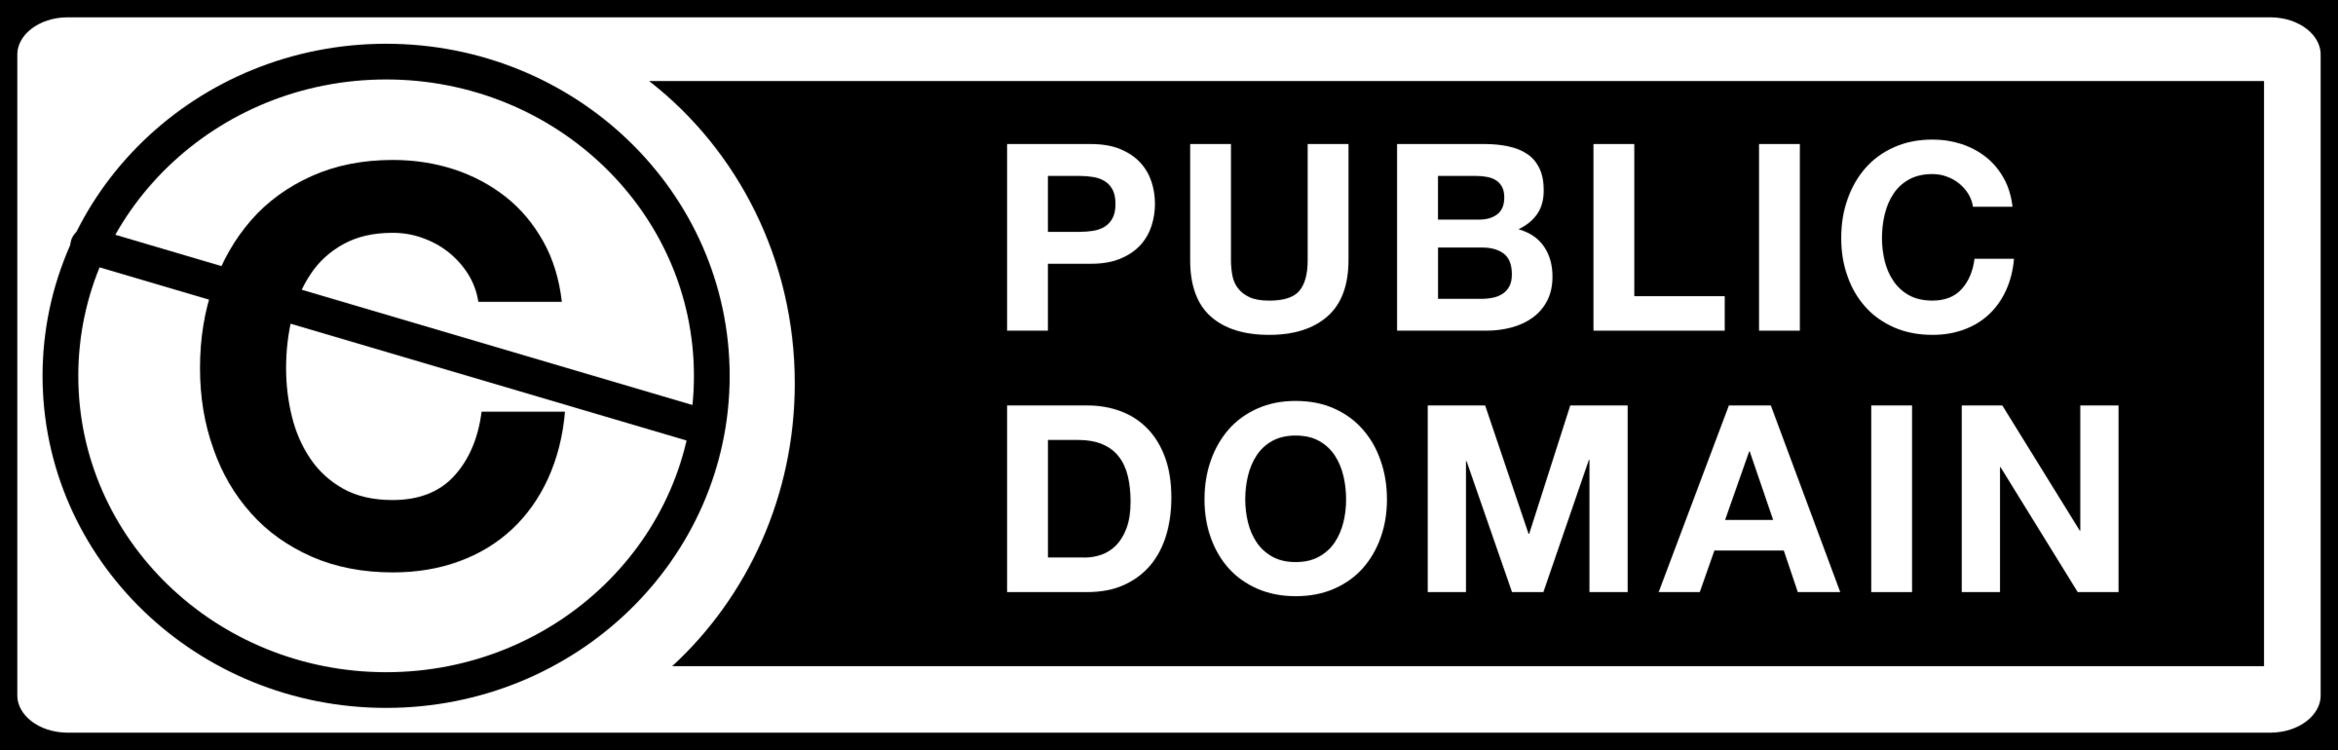 Musica dominio publico